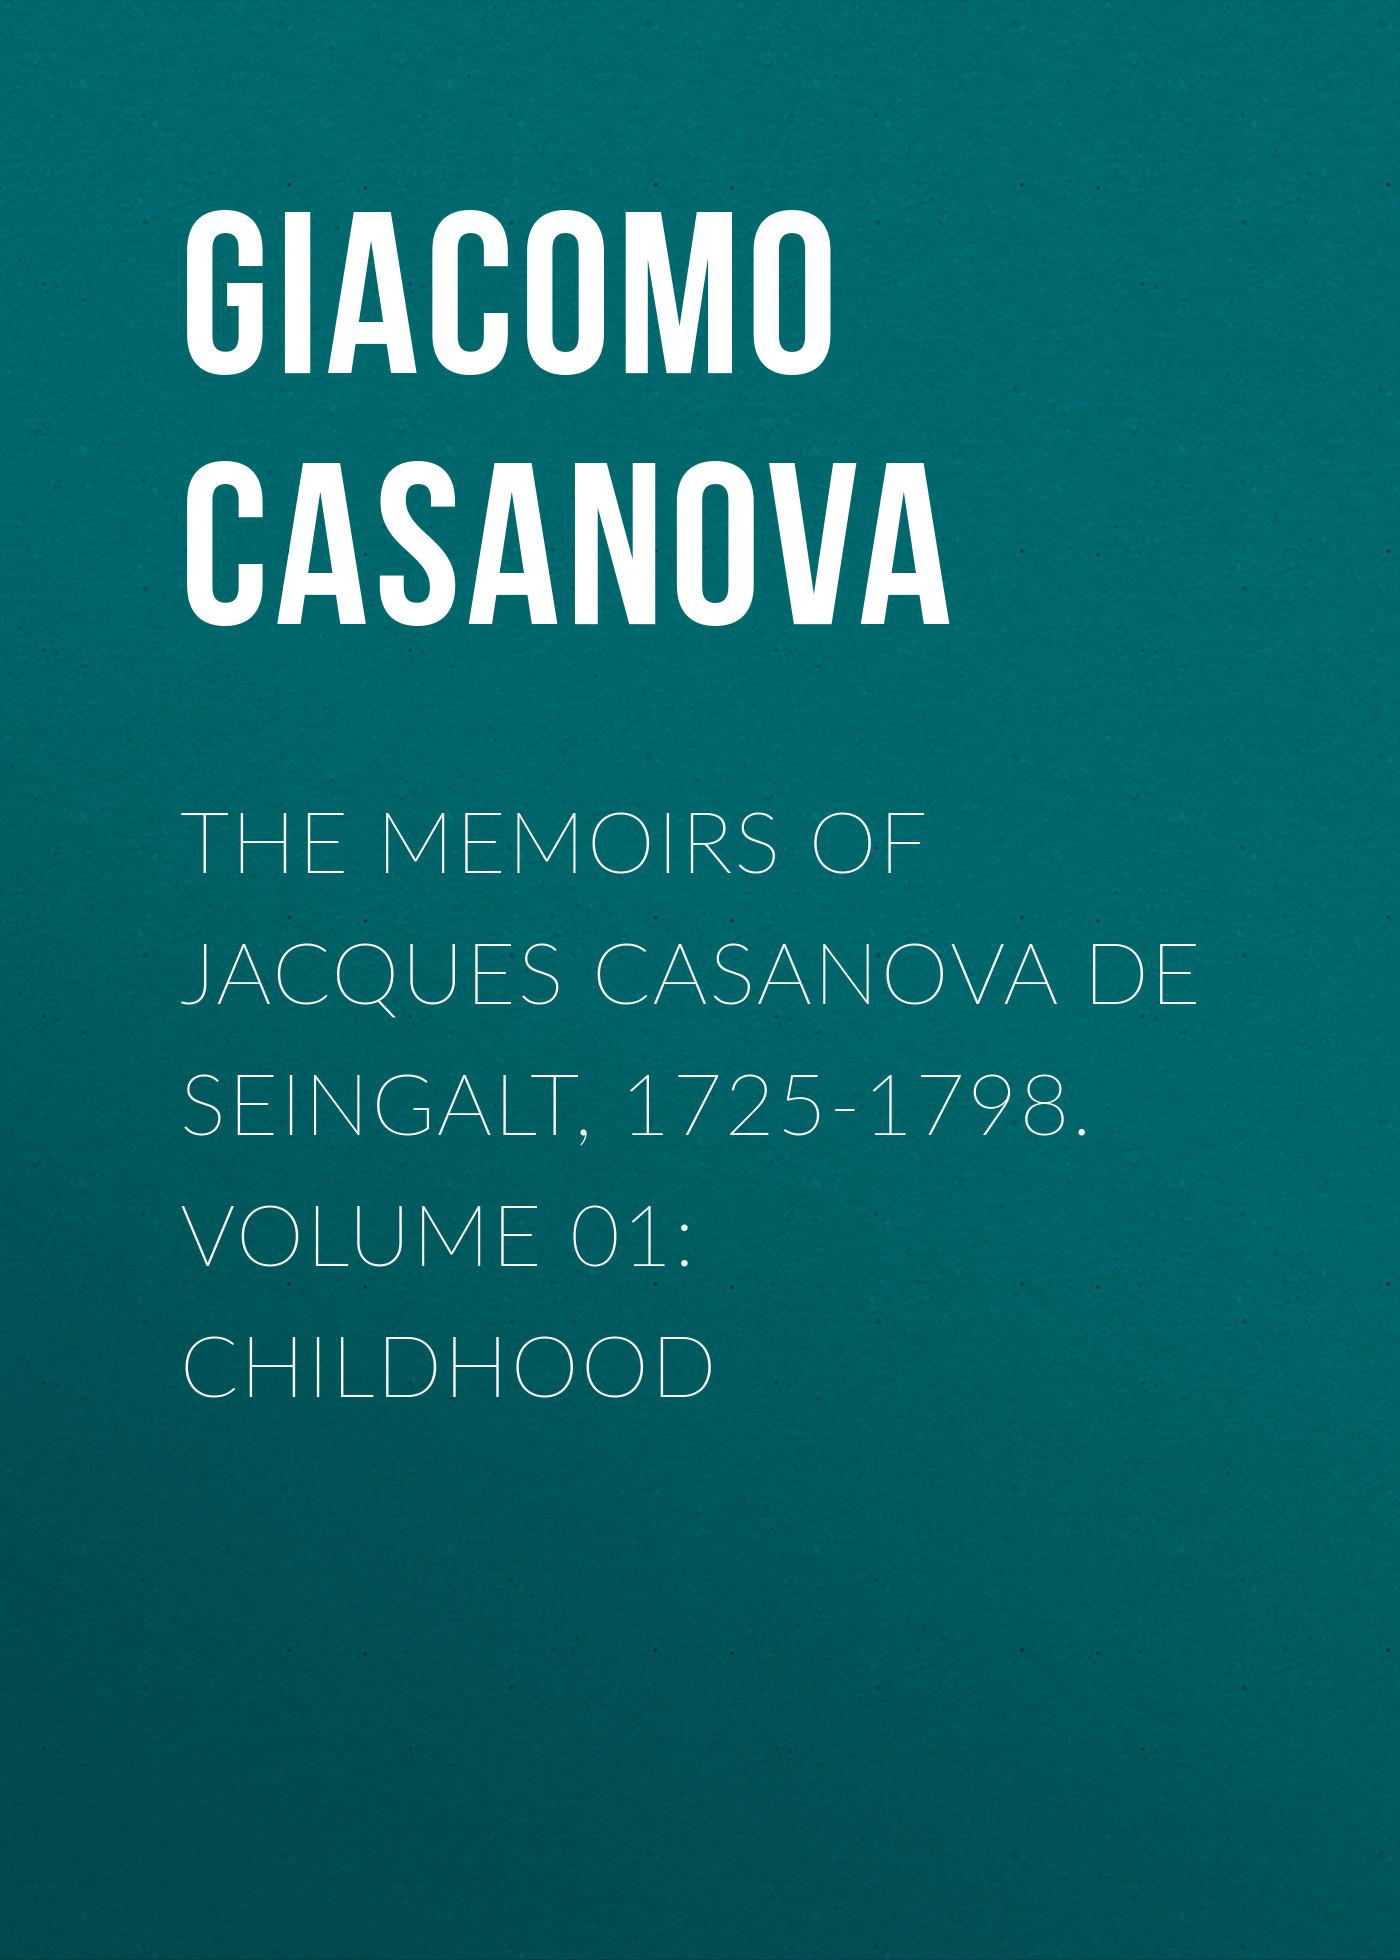 Giacomo Casanova The Memoirs of Jacques Casanova de Seingalt, 1725-1798. Volume 01: Childhood